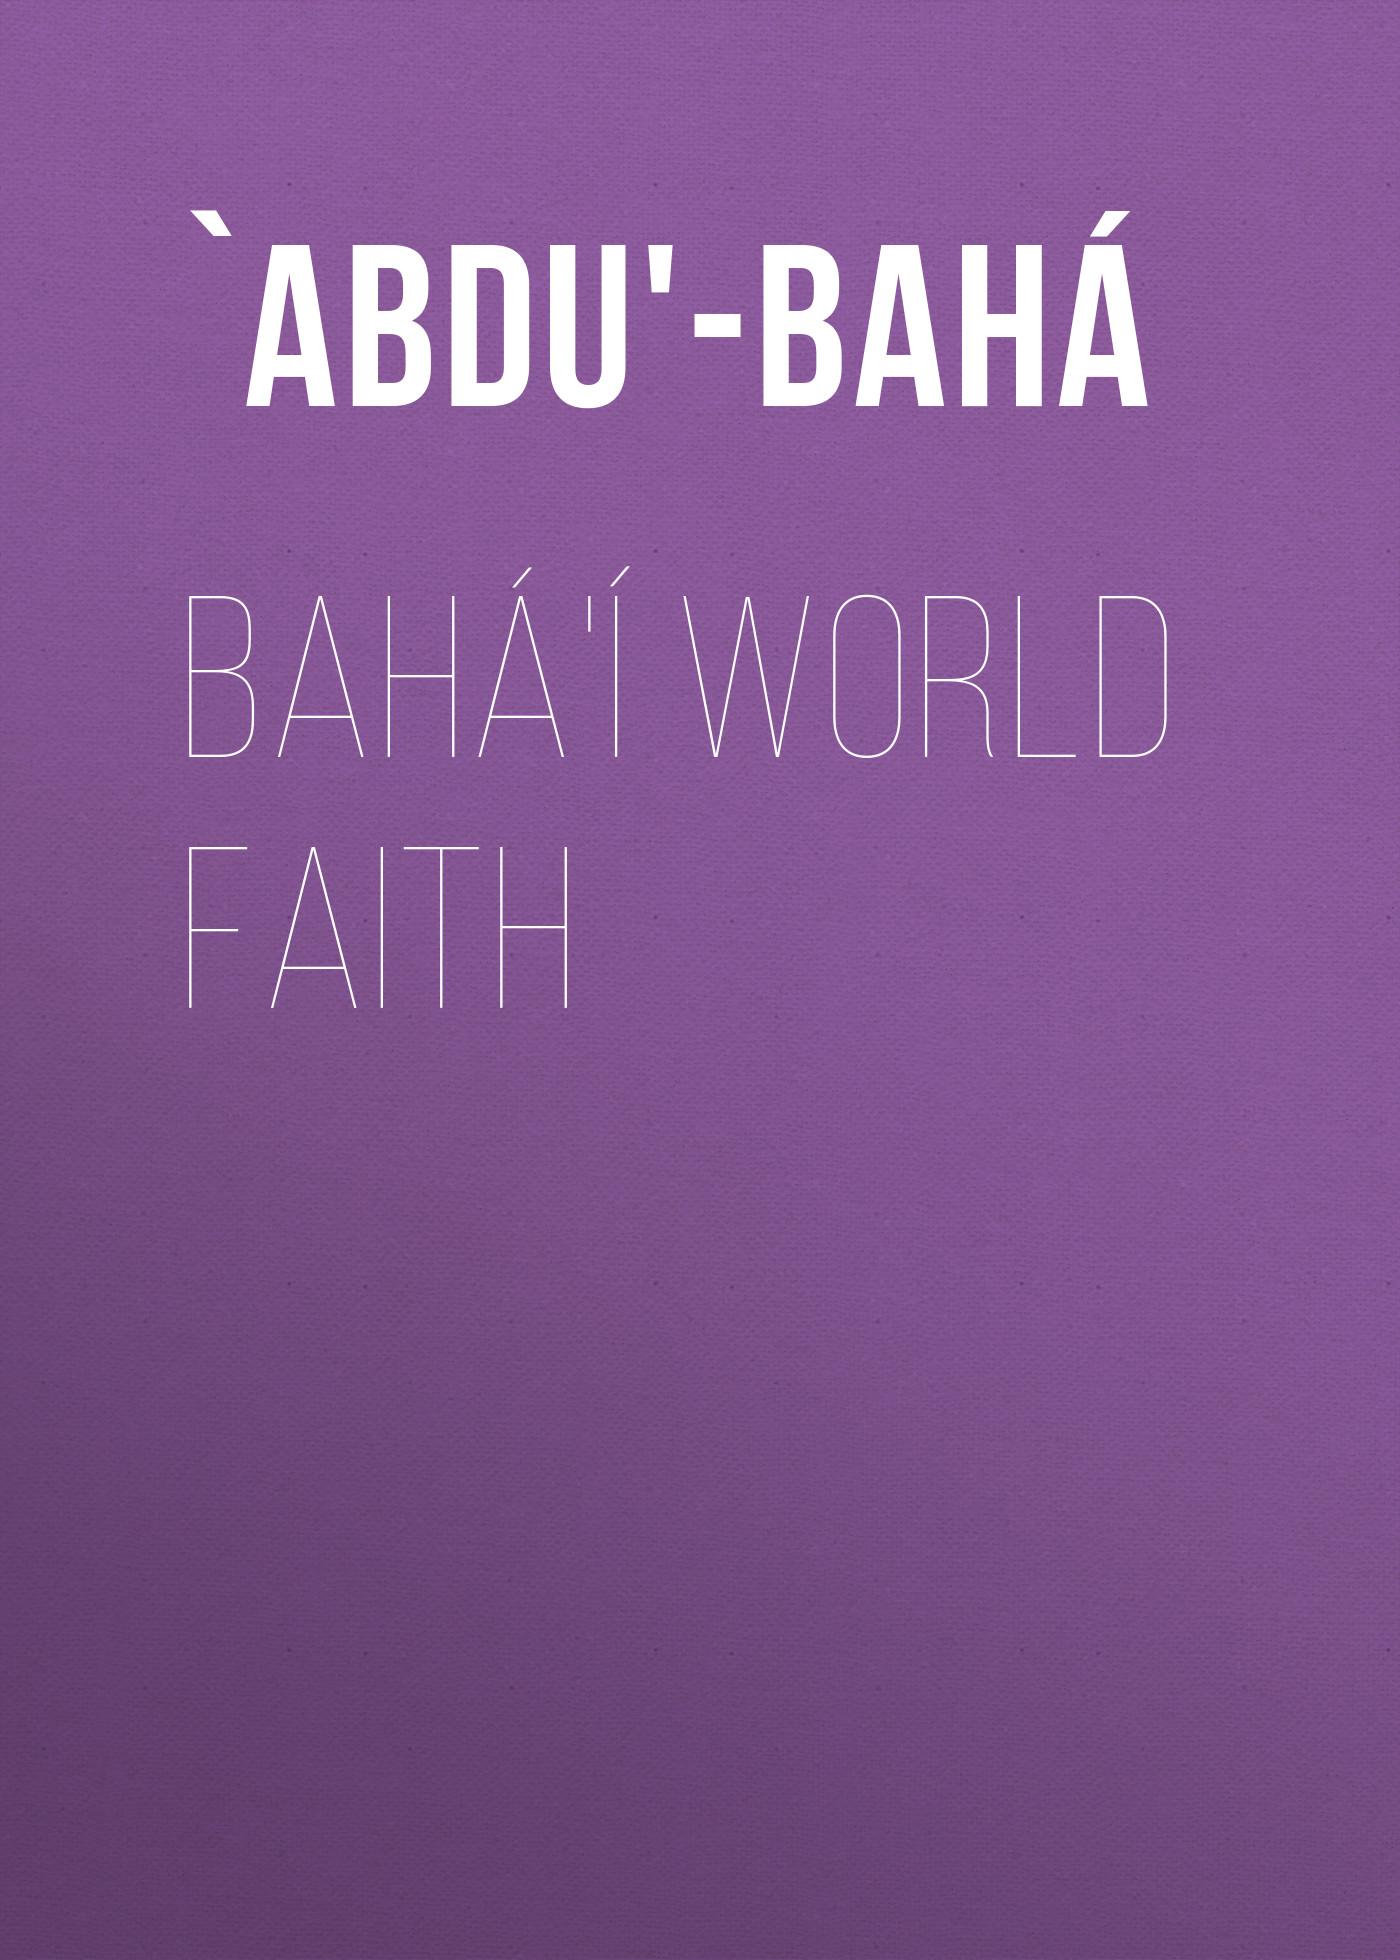 Bahá'í World Faith – `Abdu'-Bahá